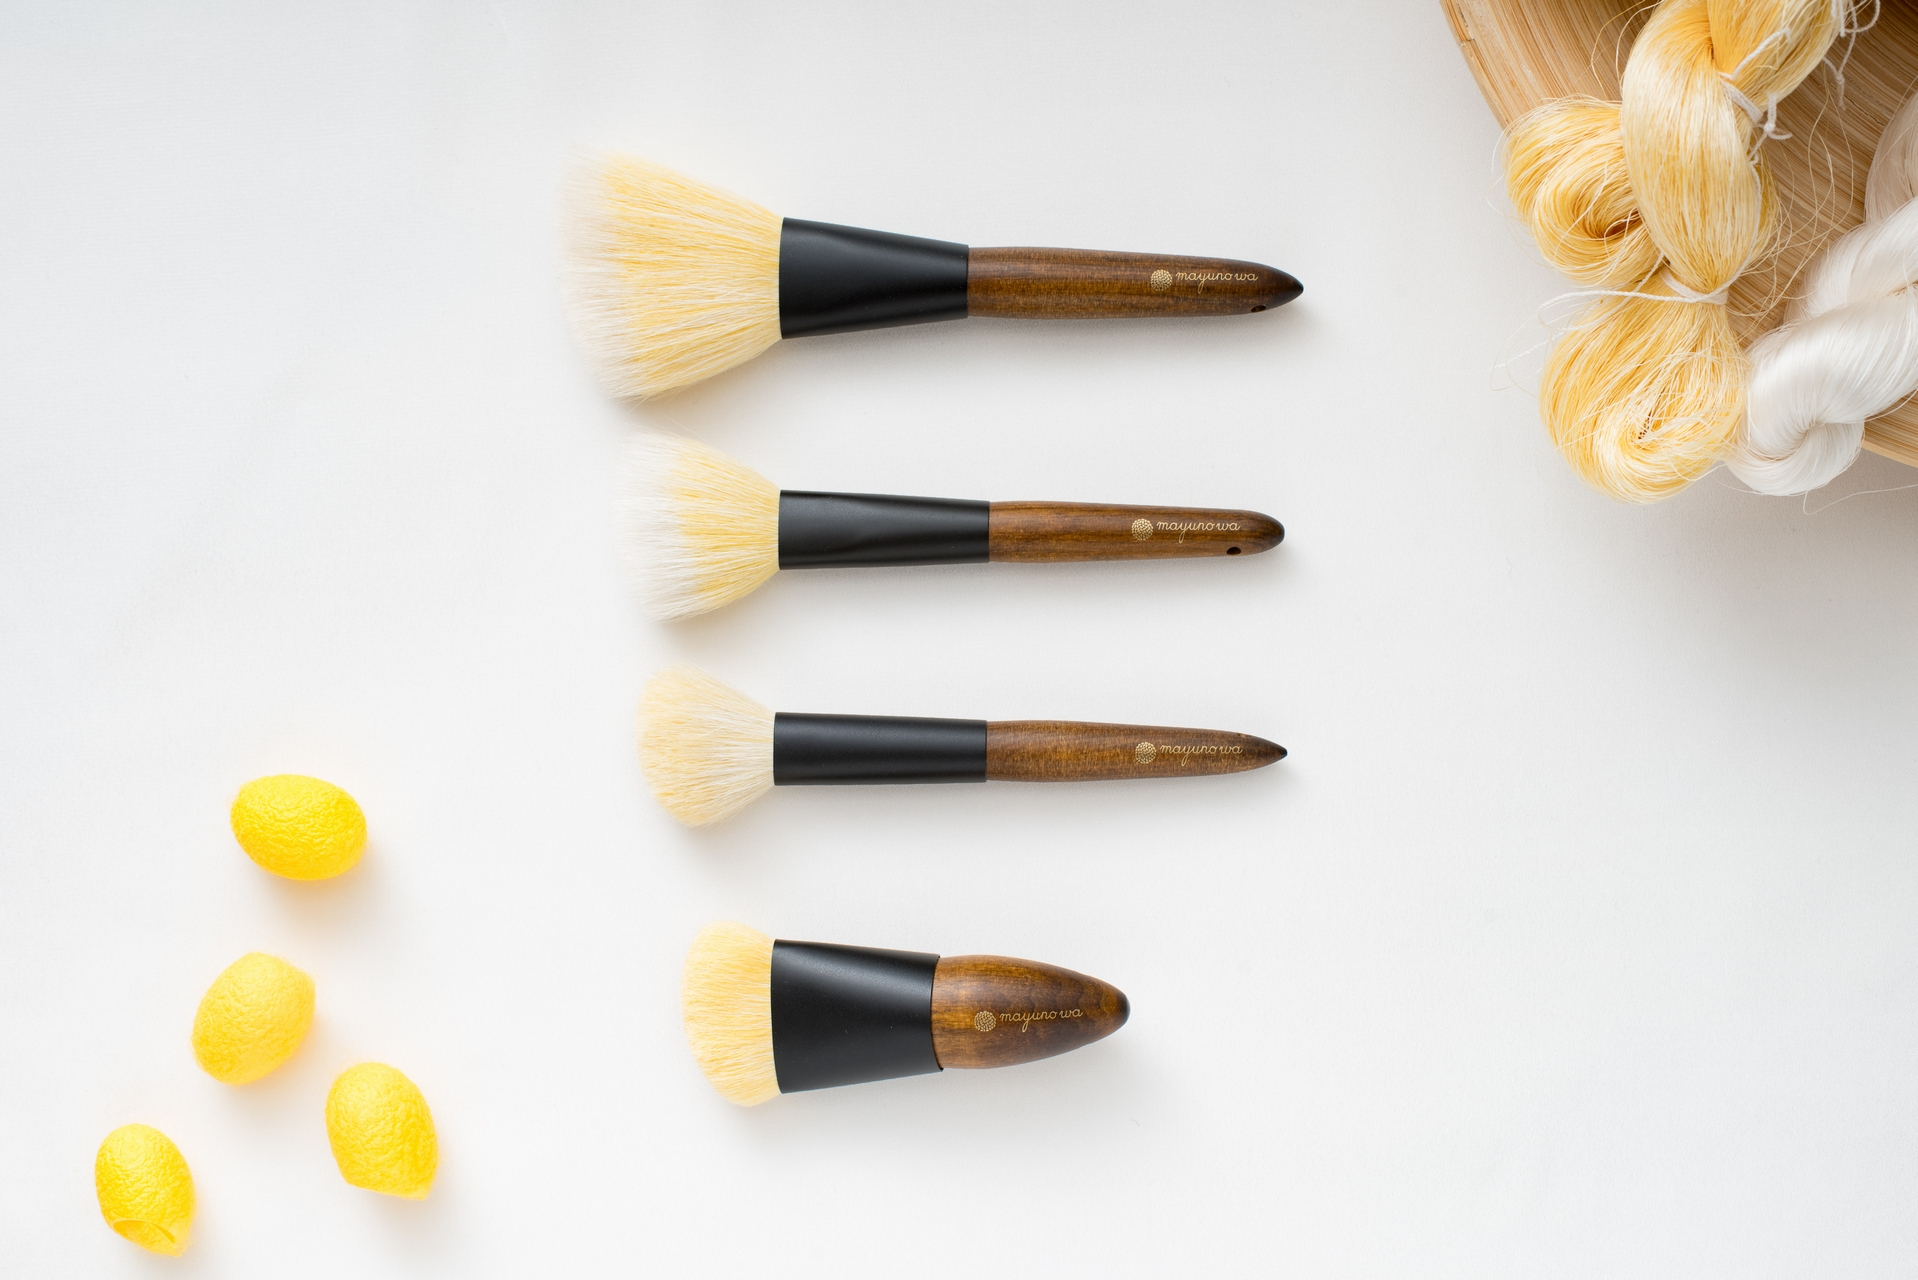 日本絹美容協会